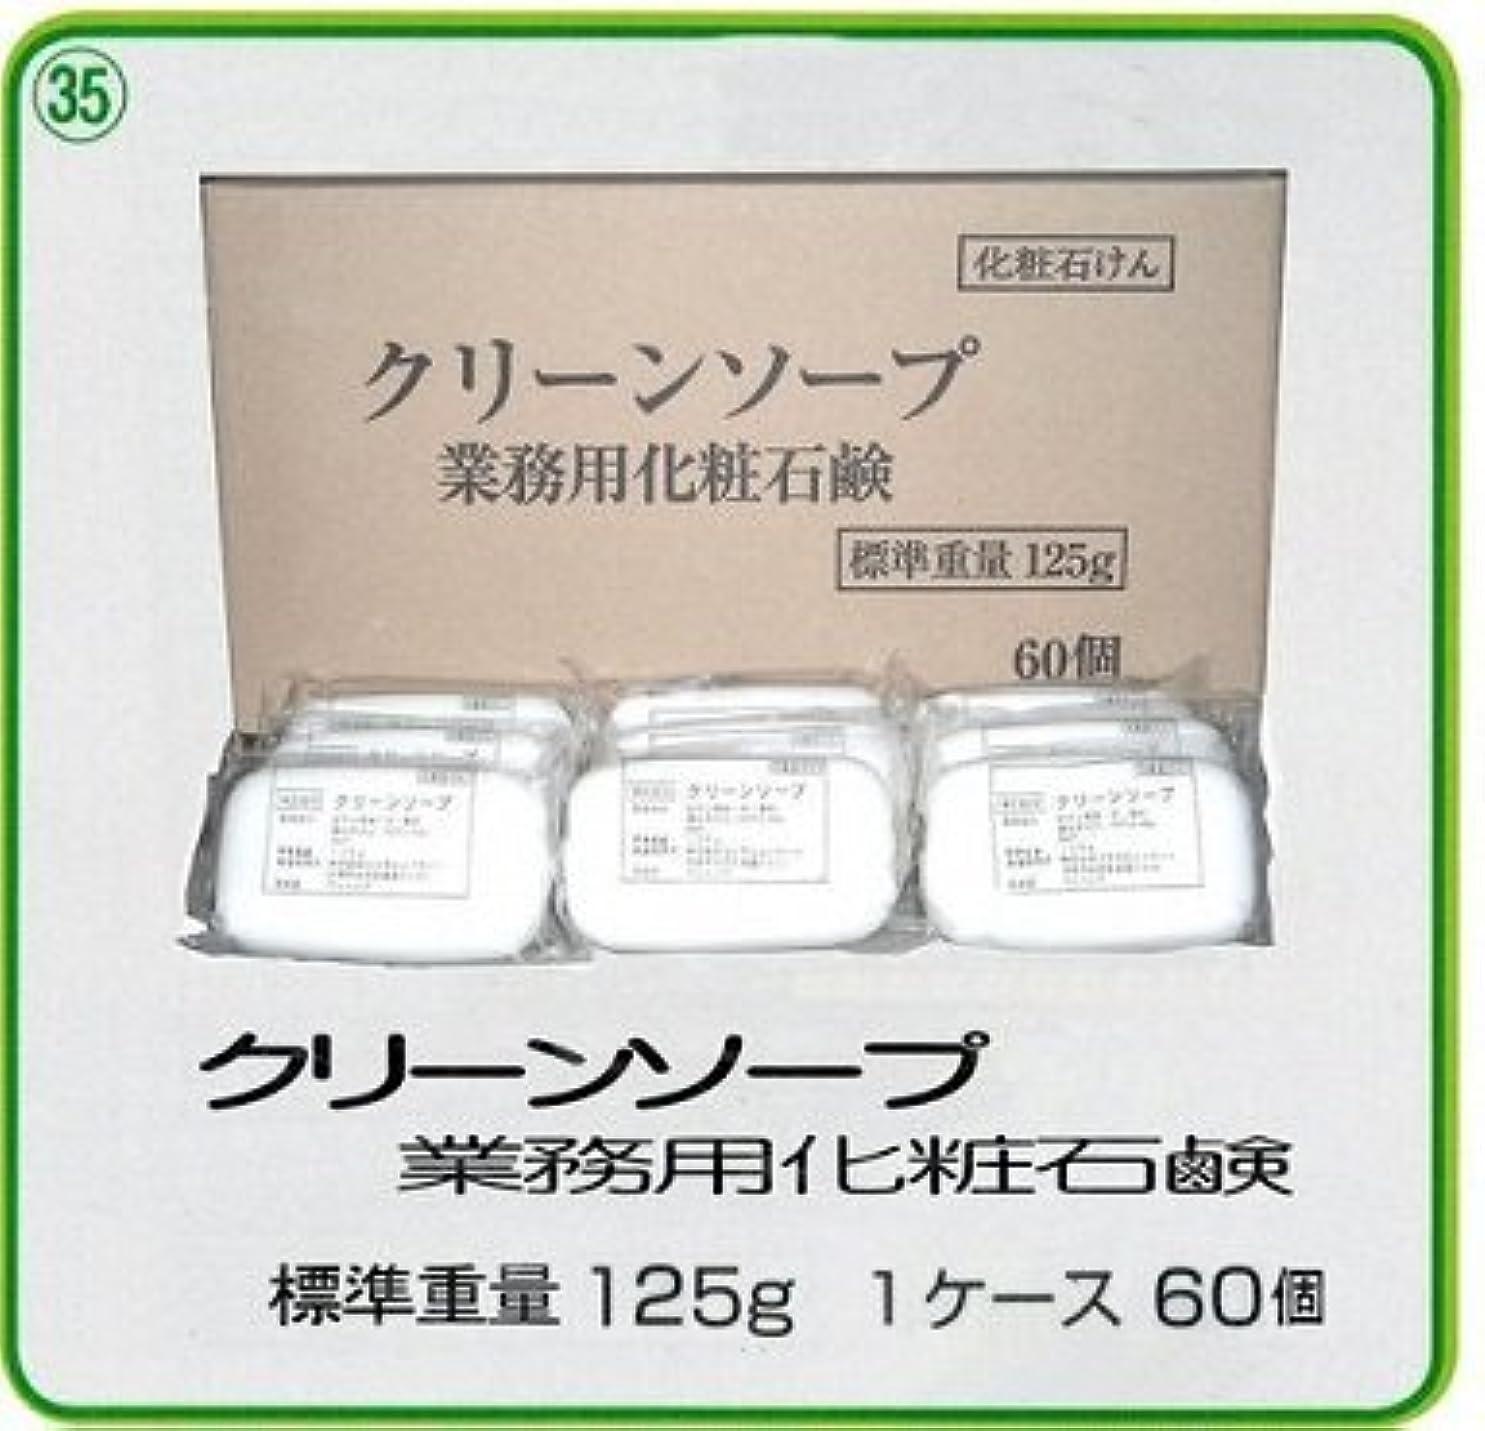 アーネストシャクルトン事前スリット業務用化粧石鹸 クリーンソープ1個125g/1箱60個入(品番7014)富士化成